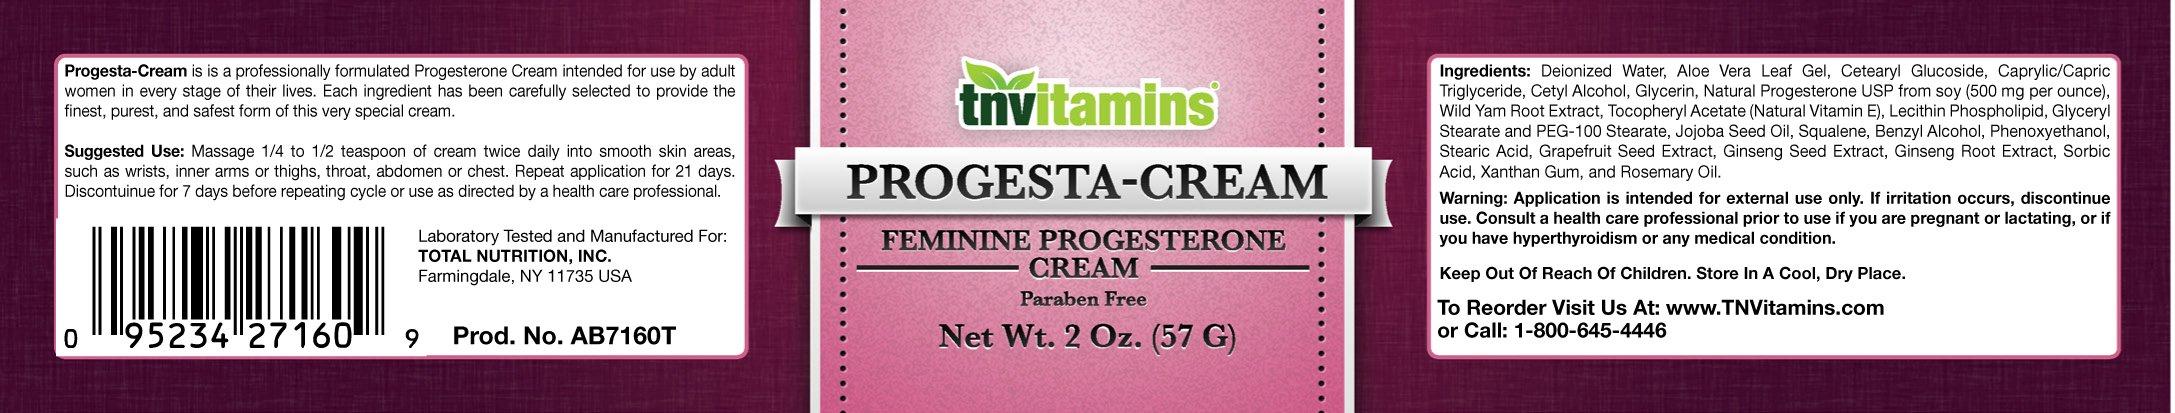 TNVitamins Progesterone Cream- 2 oz